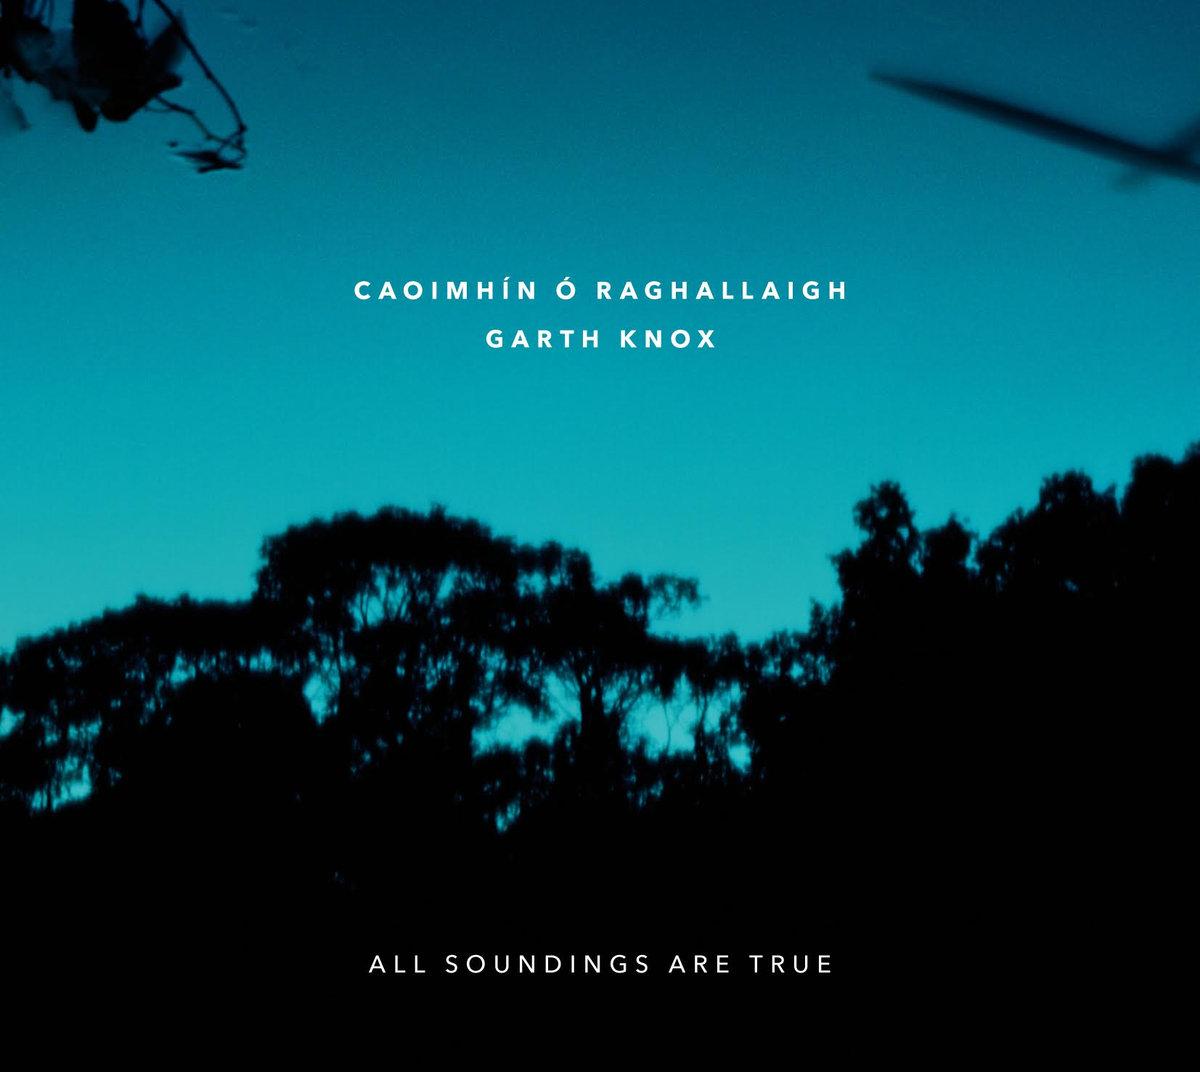 Caoimhín Ó Raghallaigh  and Garth Knox -  All Soundings are True